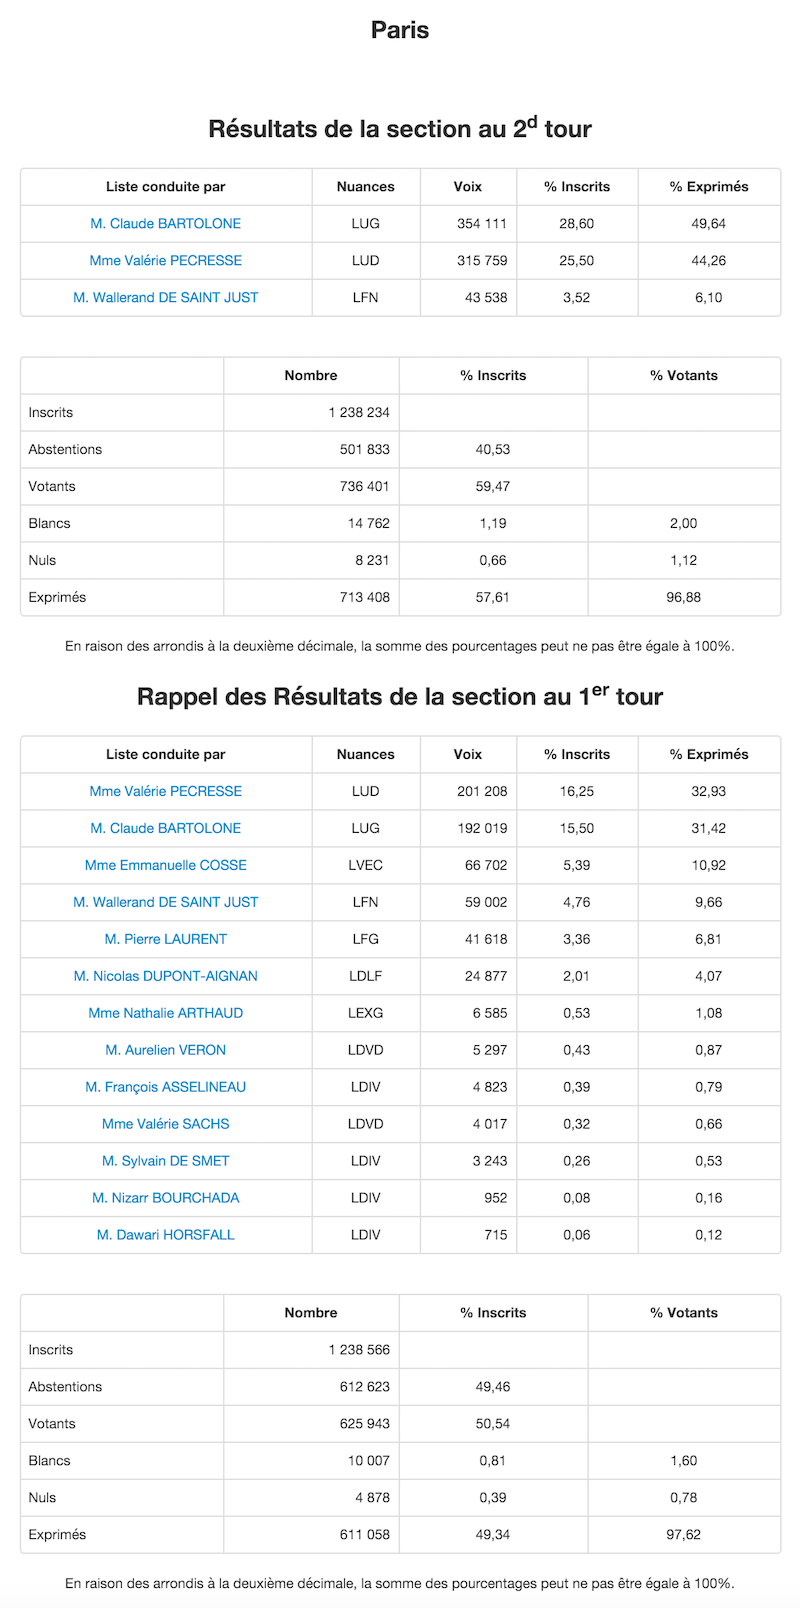 Régionales 2015 et 2010 dans le 14e arrondissement de Paris